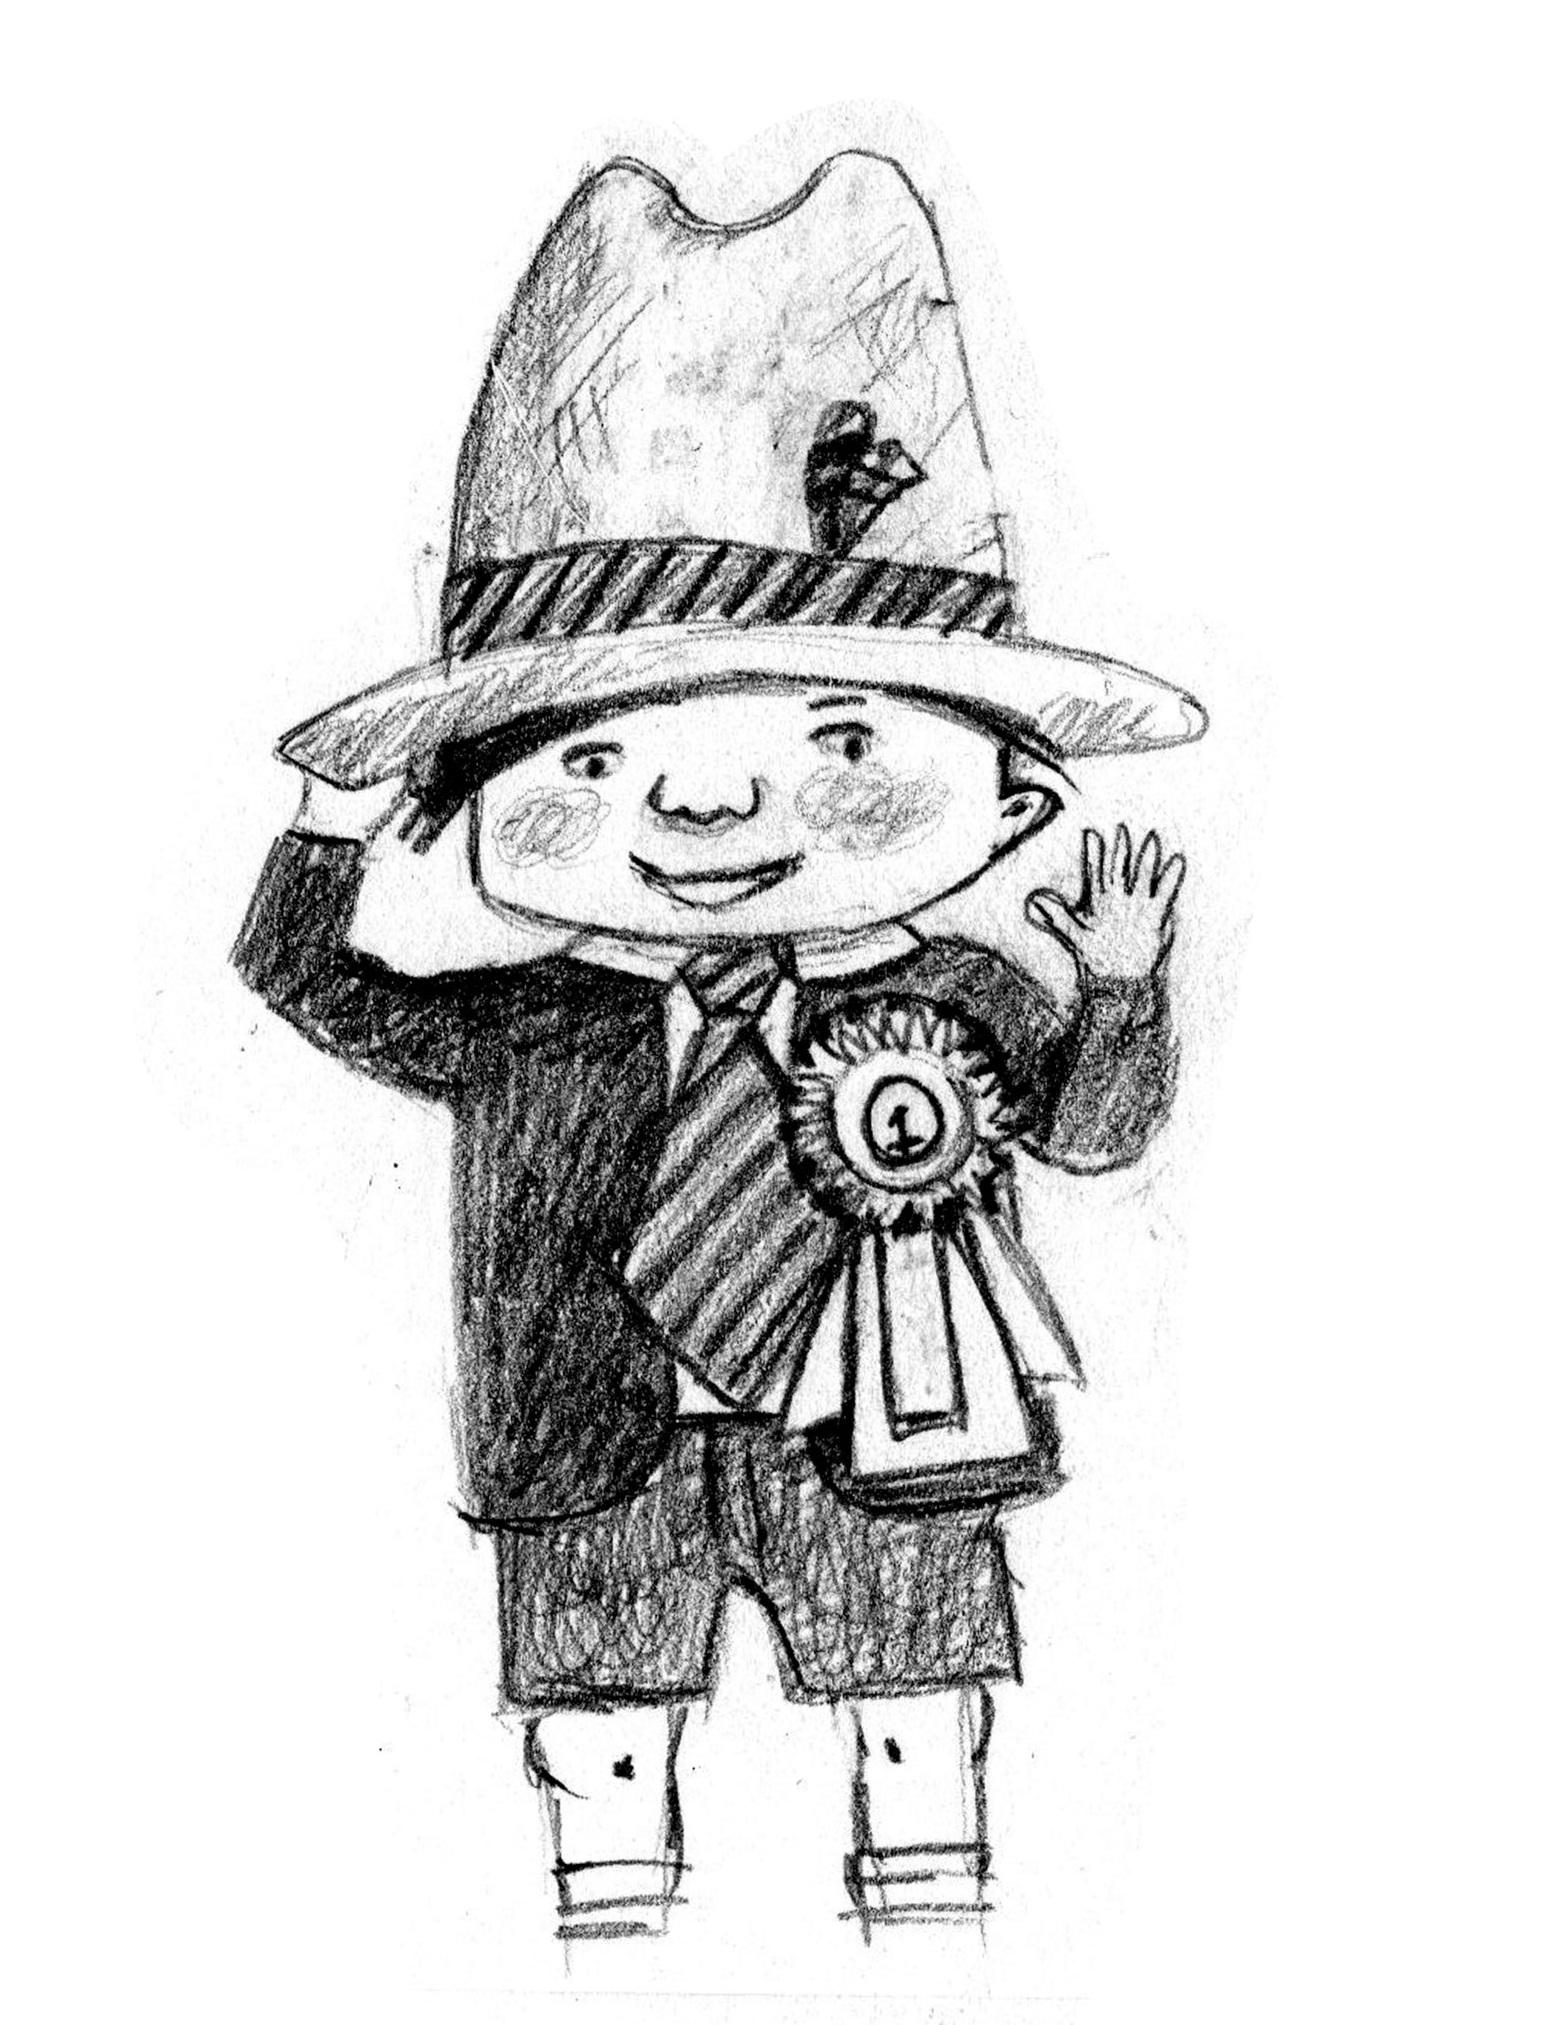 boy-w-funny-hat.jpg